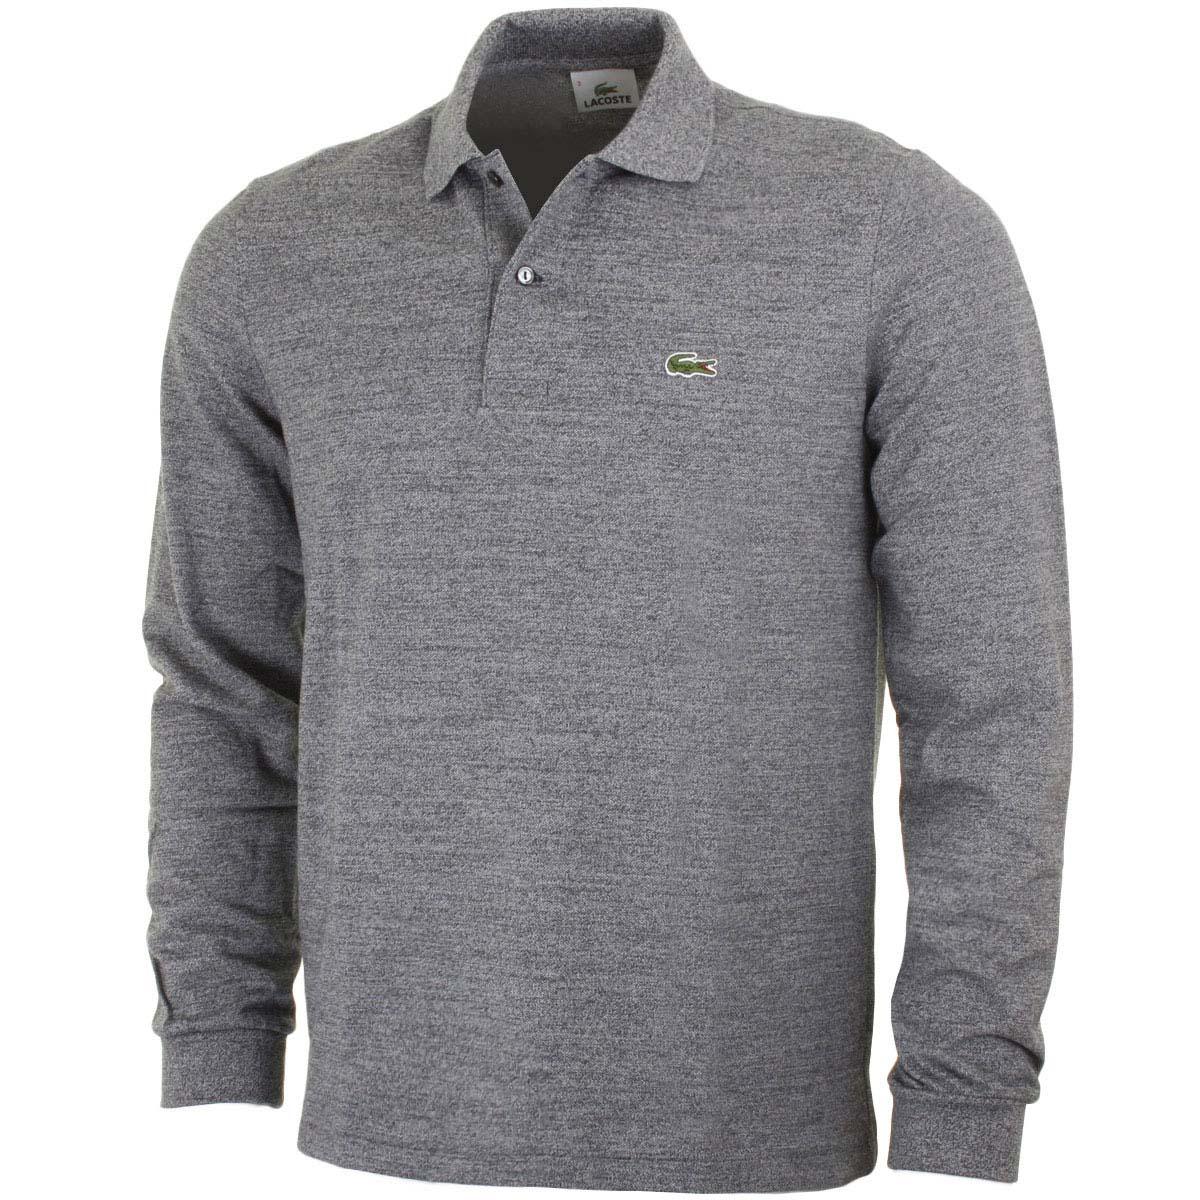 Black Long Sleeve Lacoste Polo Shirt